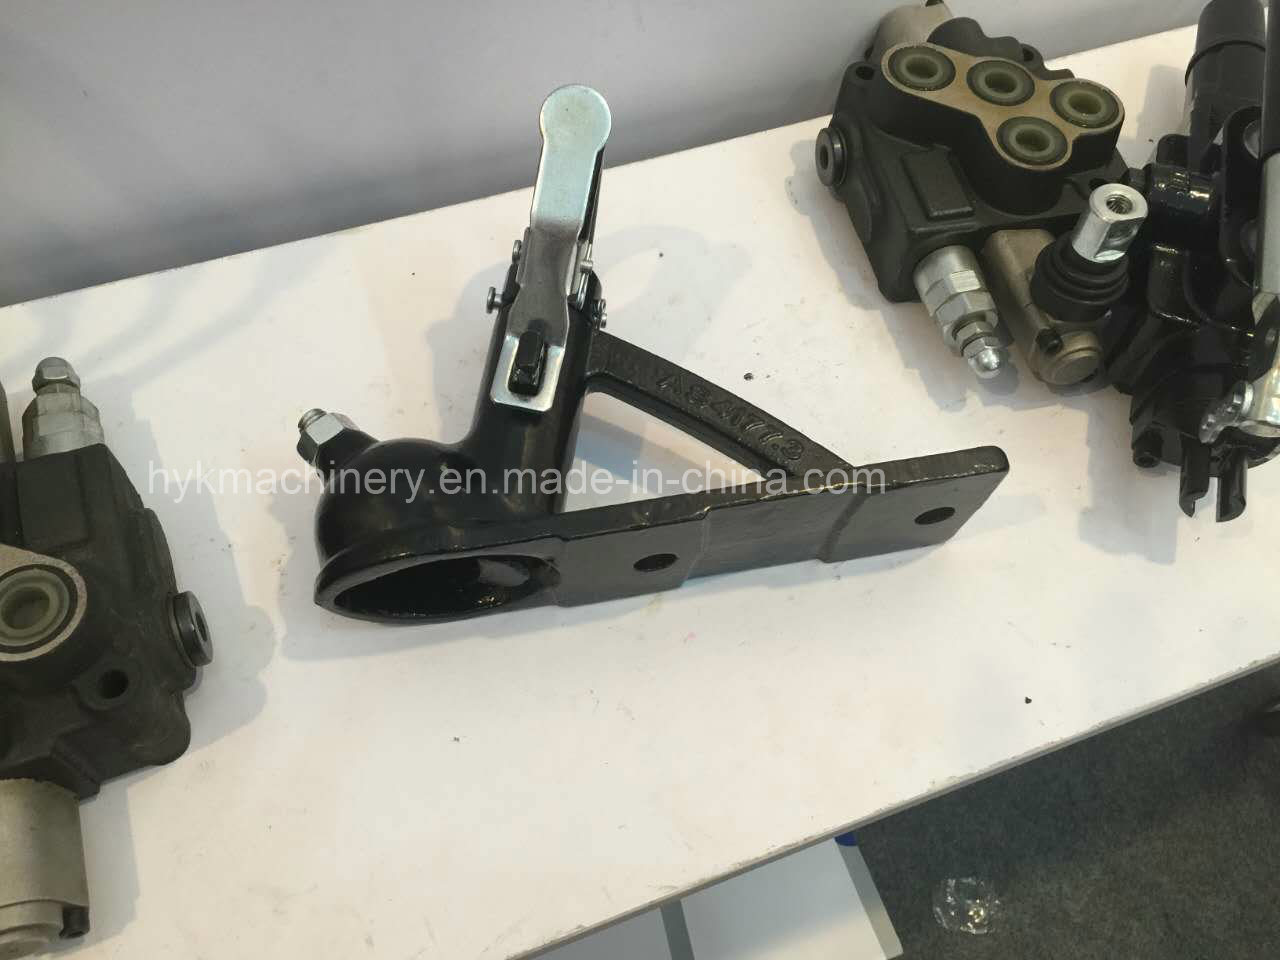 Trailer Connector Cast Steel 50mm Diameter Tractor coupler truck parts